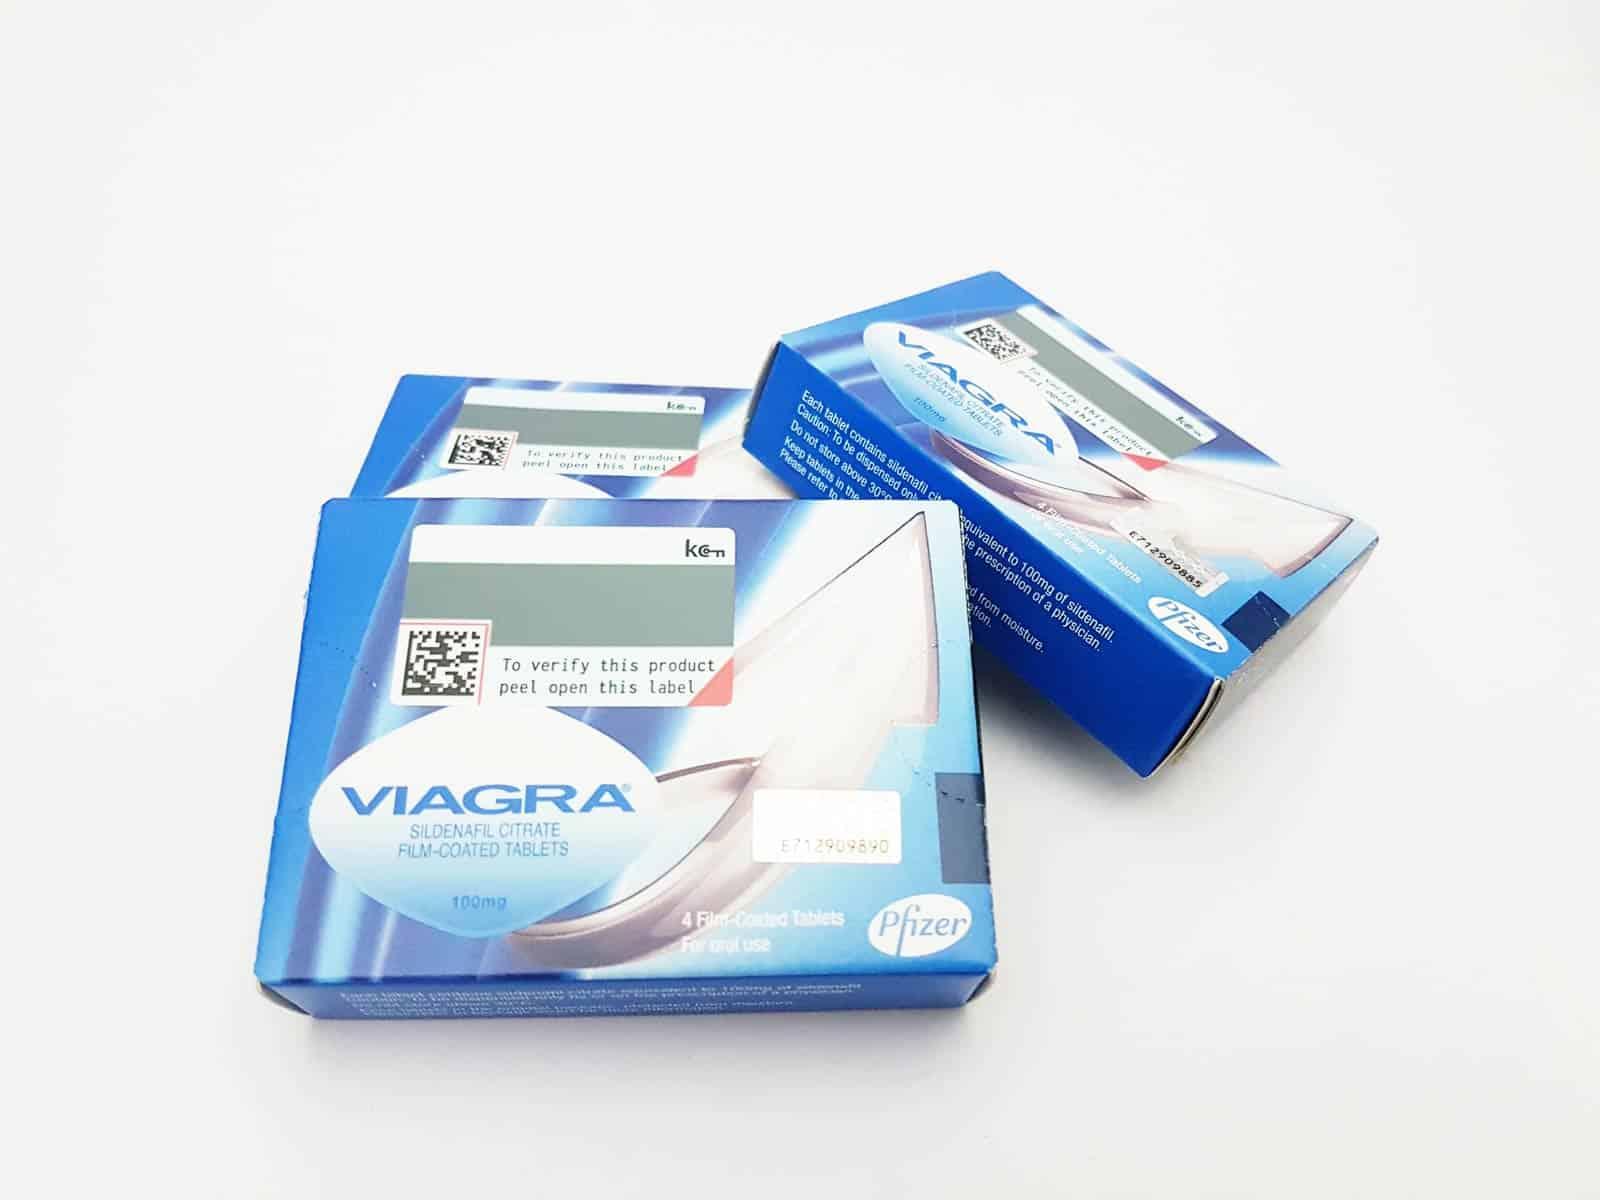 Da li se viagra može kupiti bez recepta